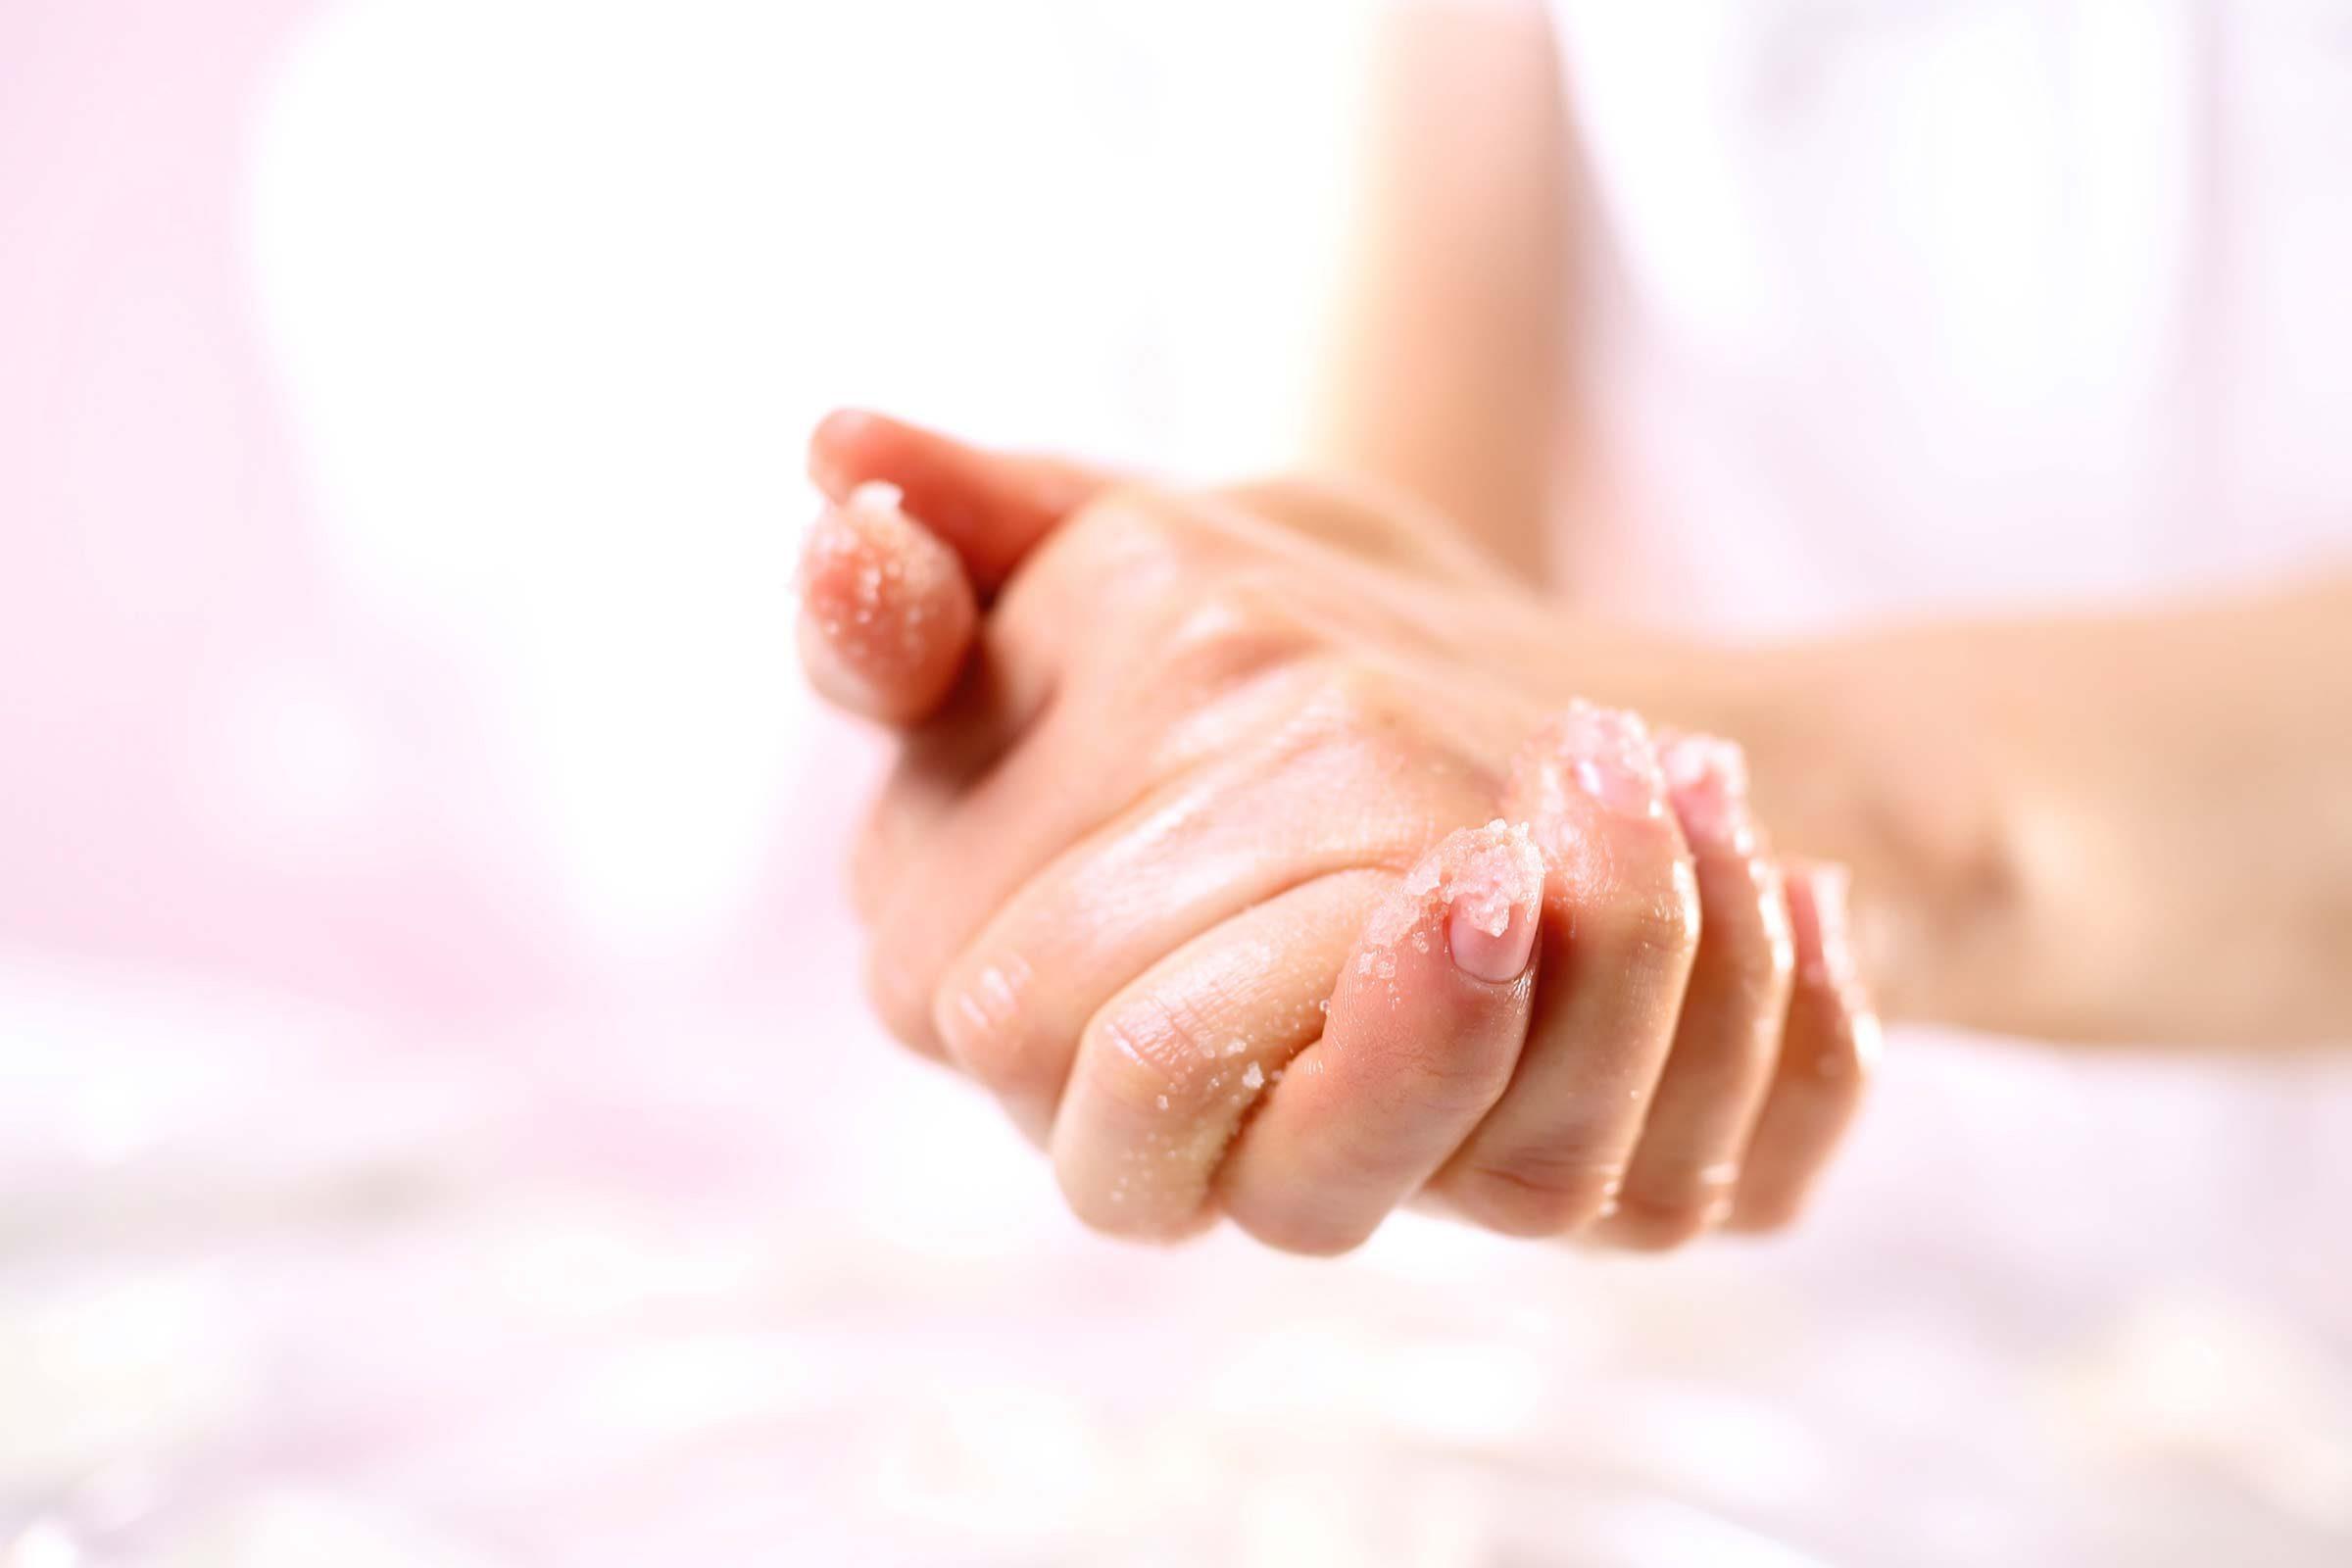 К чему снятся ногти на руках ломаются свои